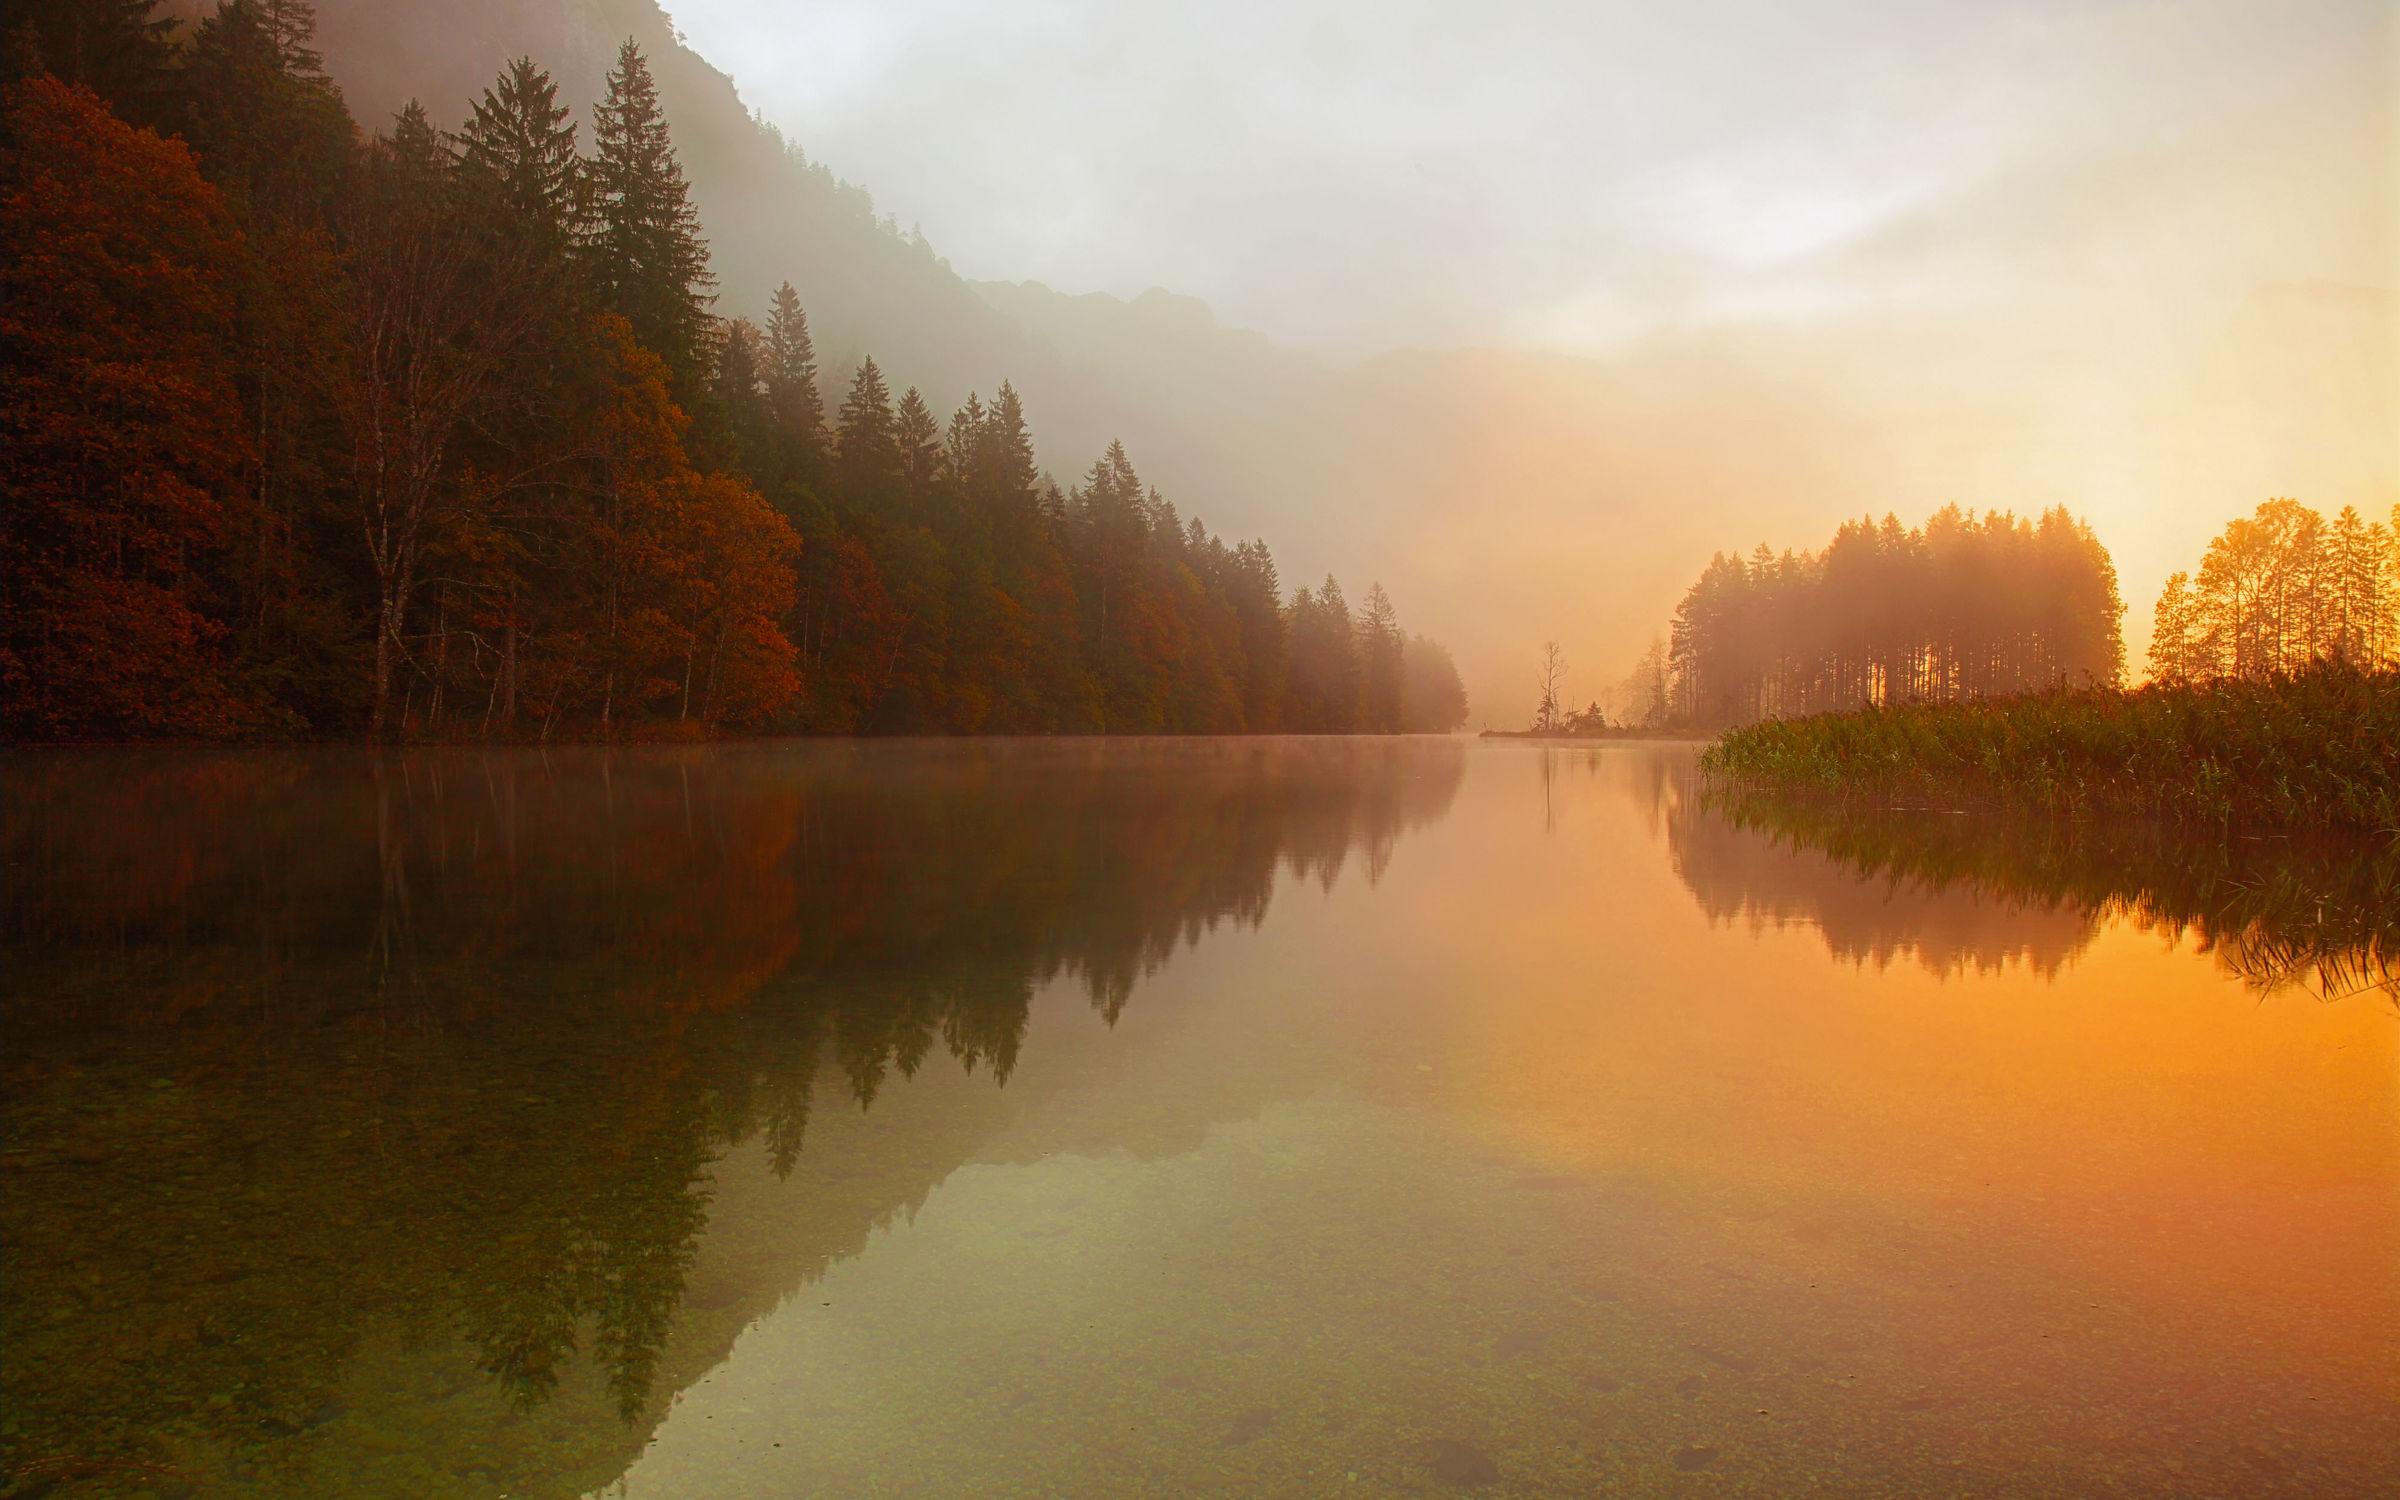 Bild mit Natur, Wasser, Gewässer, Herbst, Sonnenuntergang, Sonnenaufgang, Nebel, Wald, See